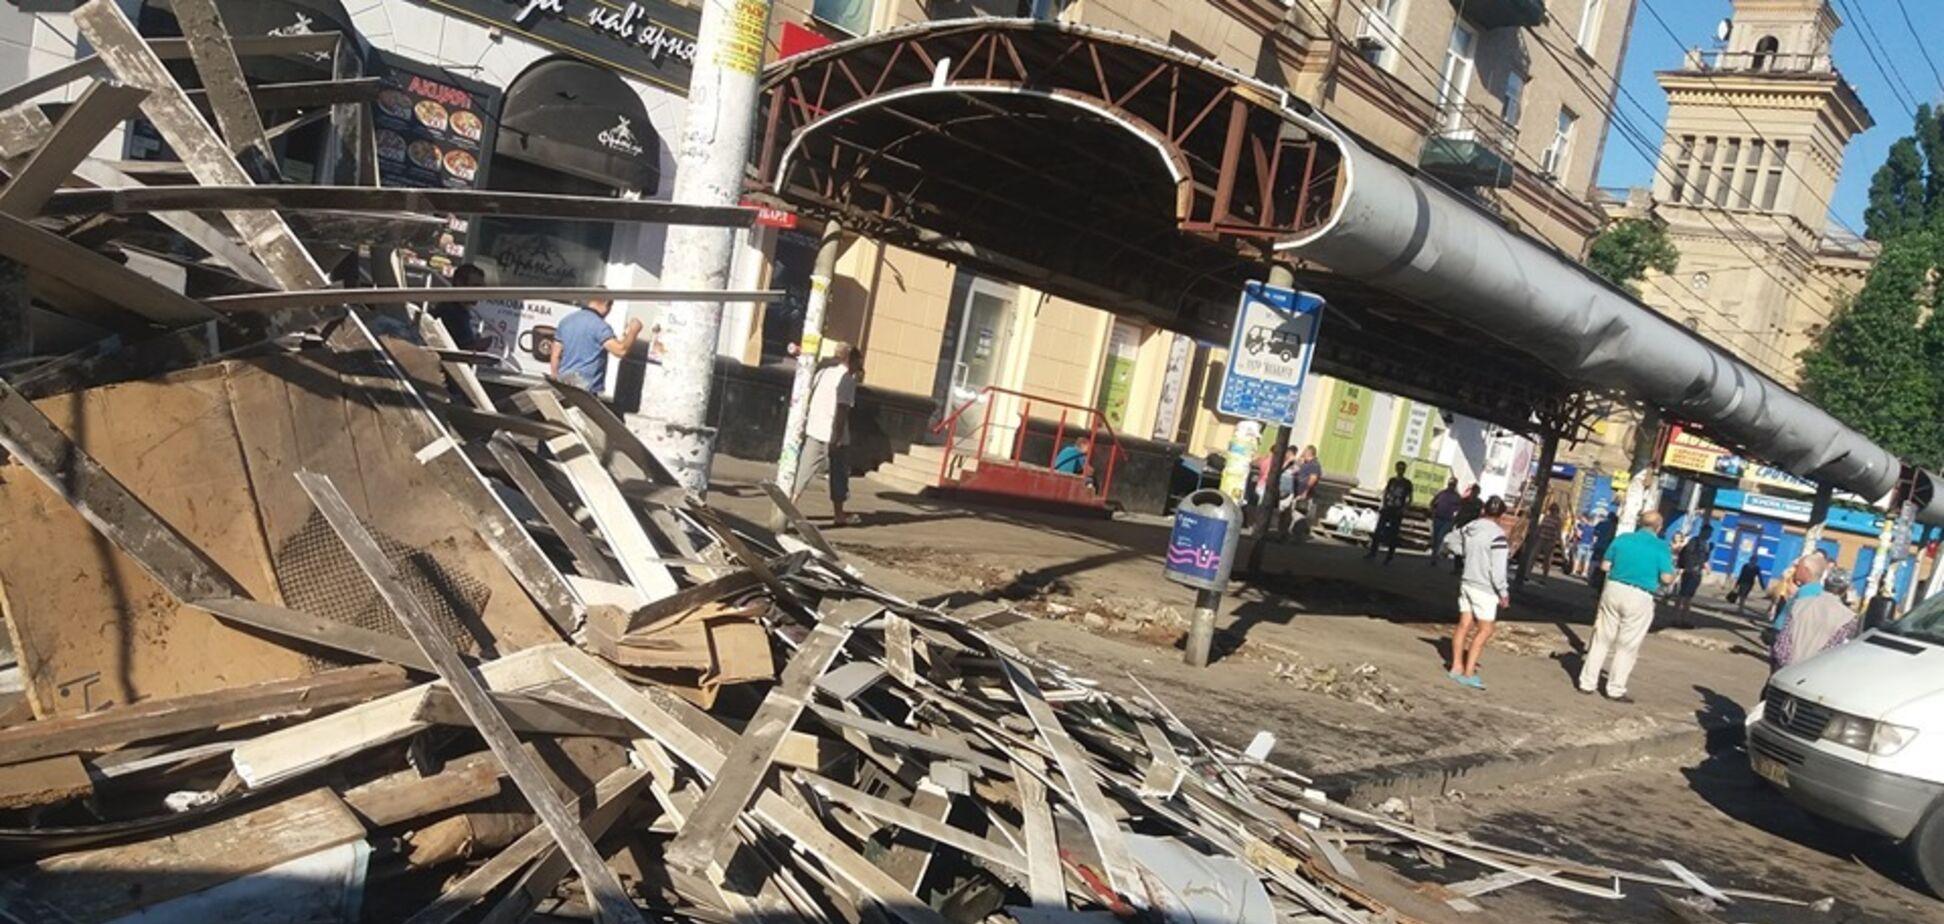 'Відбулося диво!' Дніпро позбавили від скандальних МАФів. Перші фото і відео